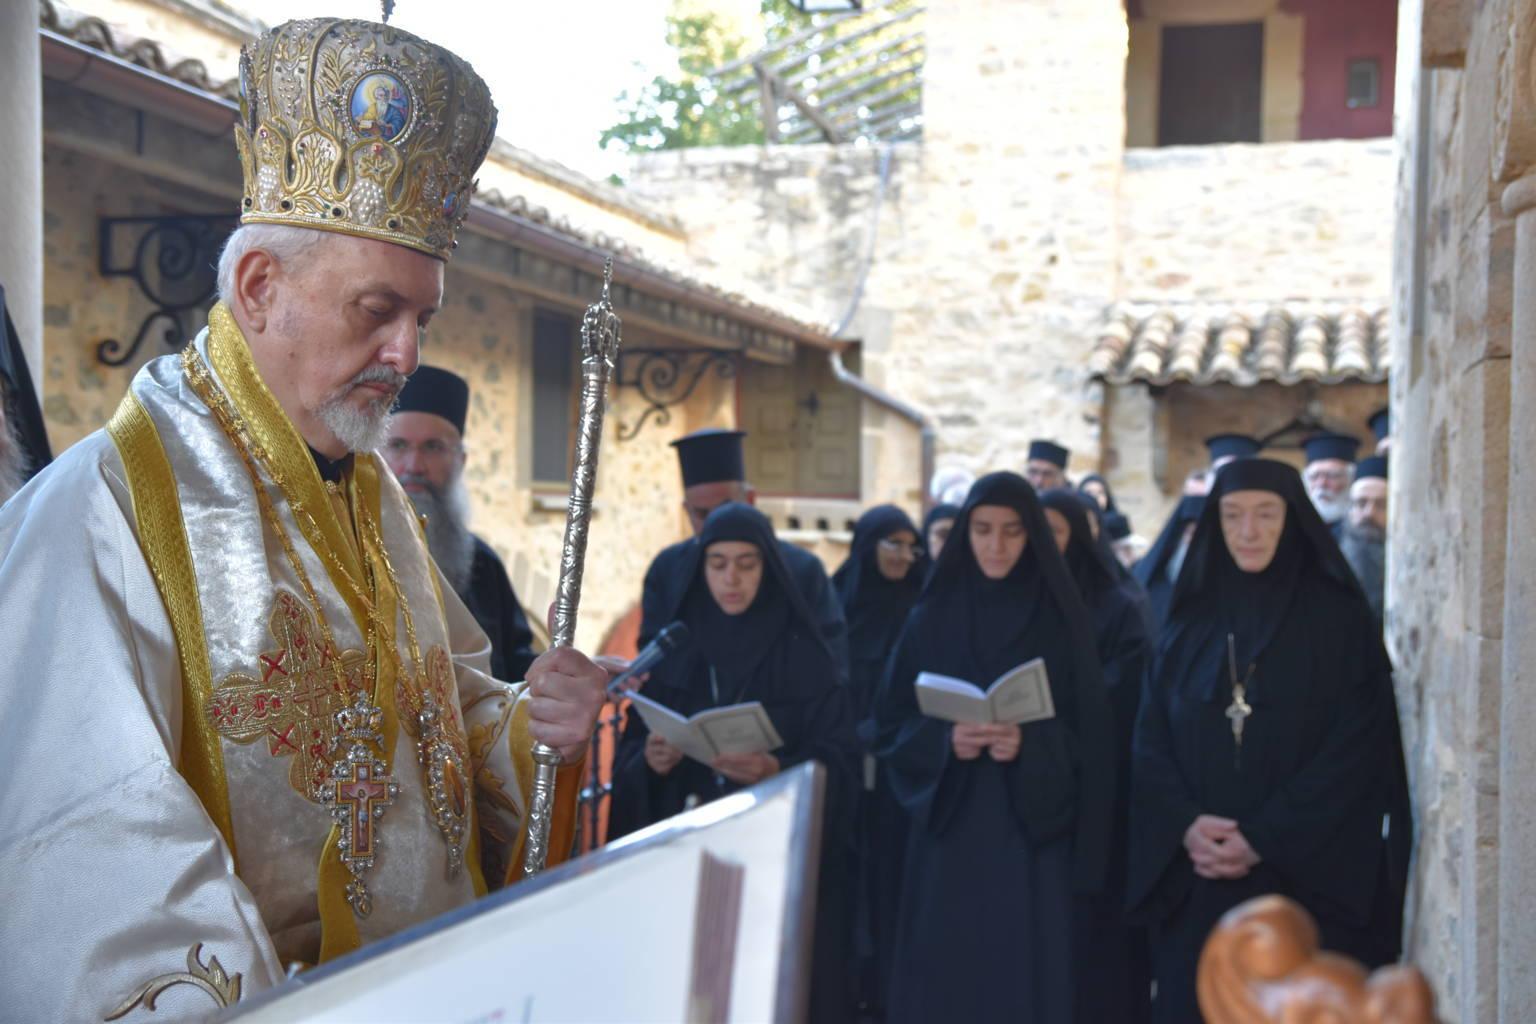 DSC 0469 - Λαμπρά εγκαίνια του Καθολικού της Ι. Μονής Αγίας Σκέπης Σολάν